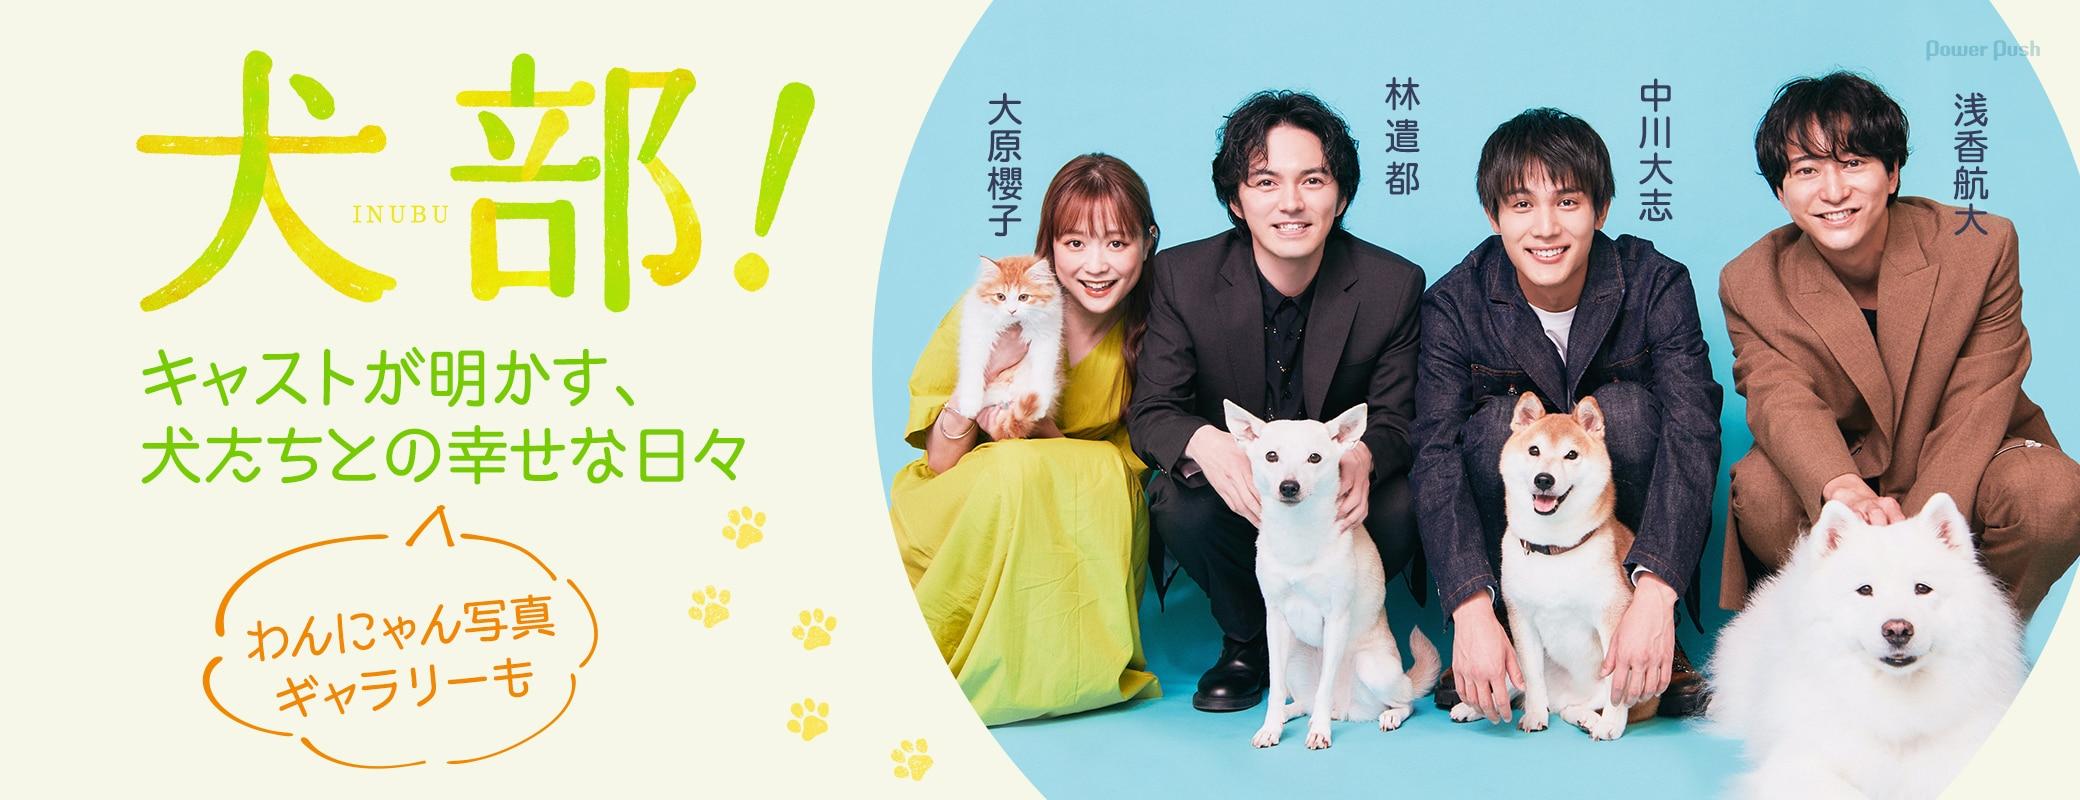 「犬部!」林遣都、中川大志、大原櫻子、浅香航大が明かす、犬たちとの幸せな日々 わんにゃん写真ギャラリーも